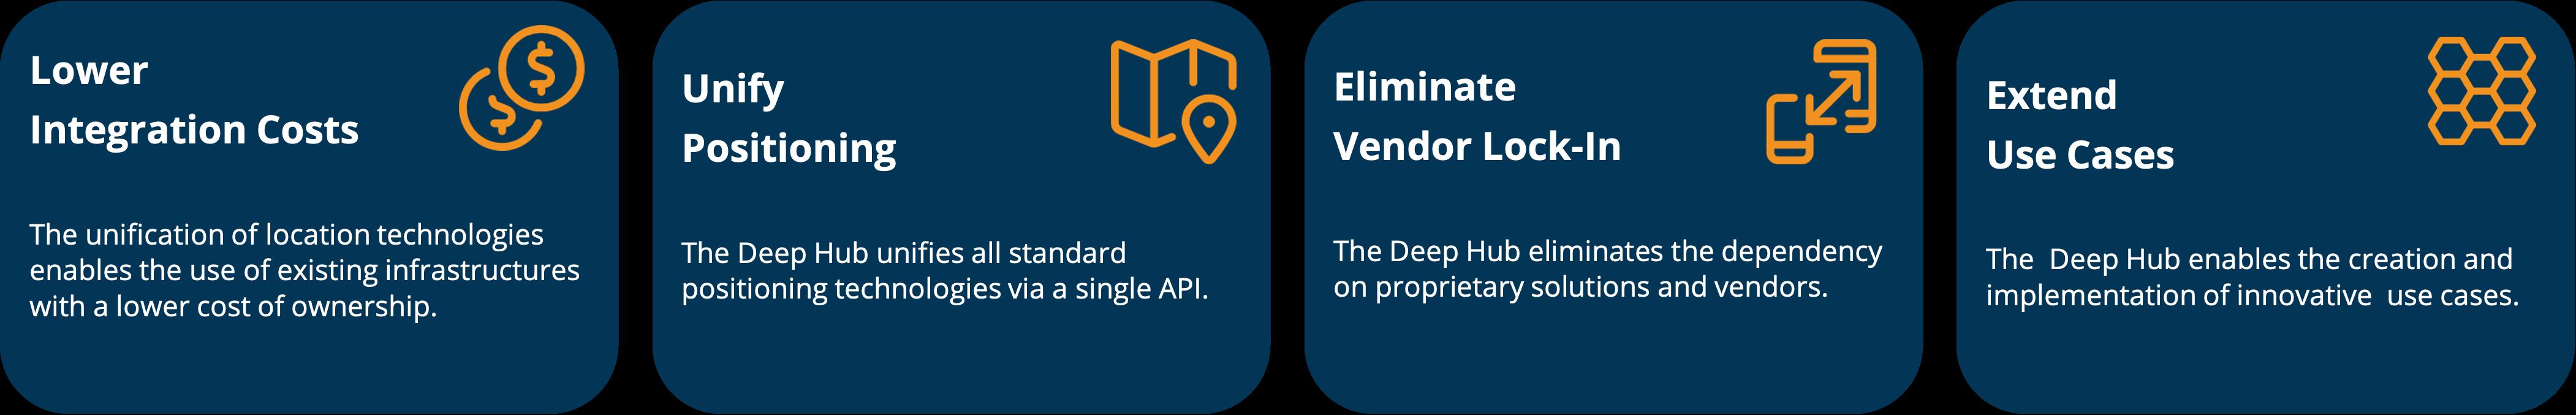 Deep Hub benefits.